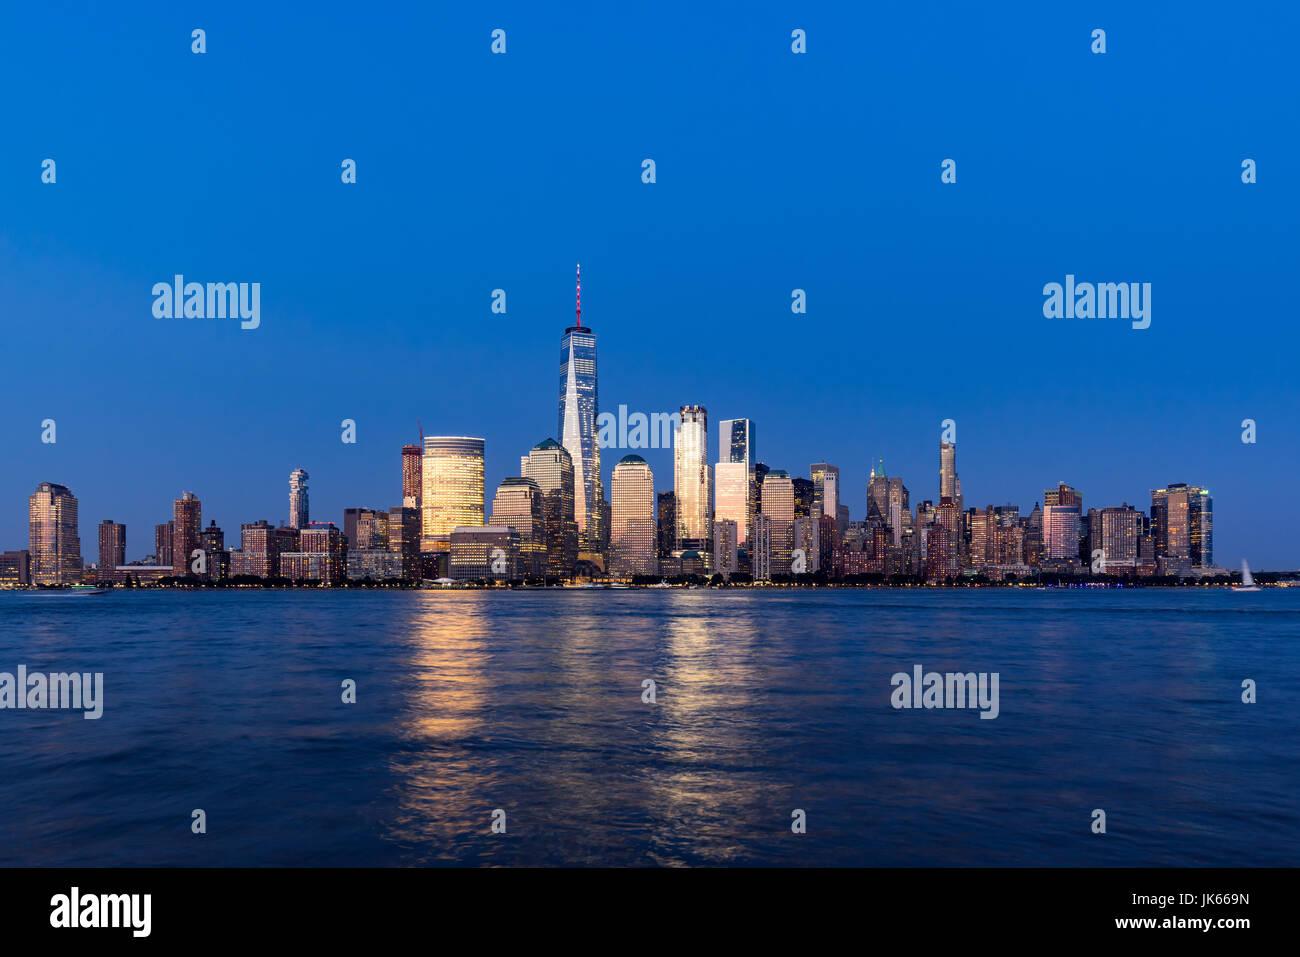 Le quartier financier de la ville de New York Hudson River et de gratte-ciel au crépuscule. Lower Manhattan Photo Stock